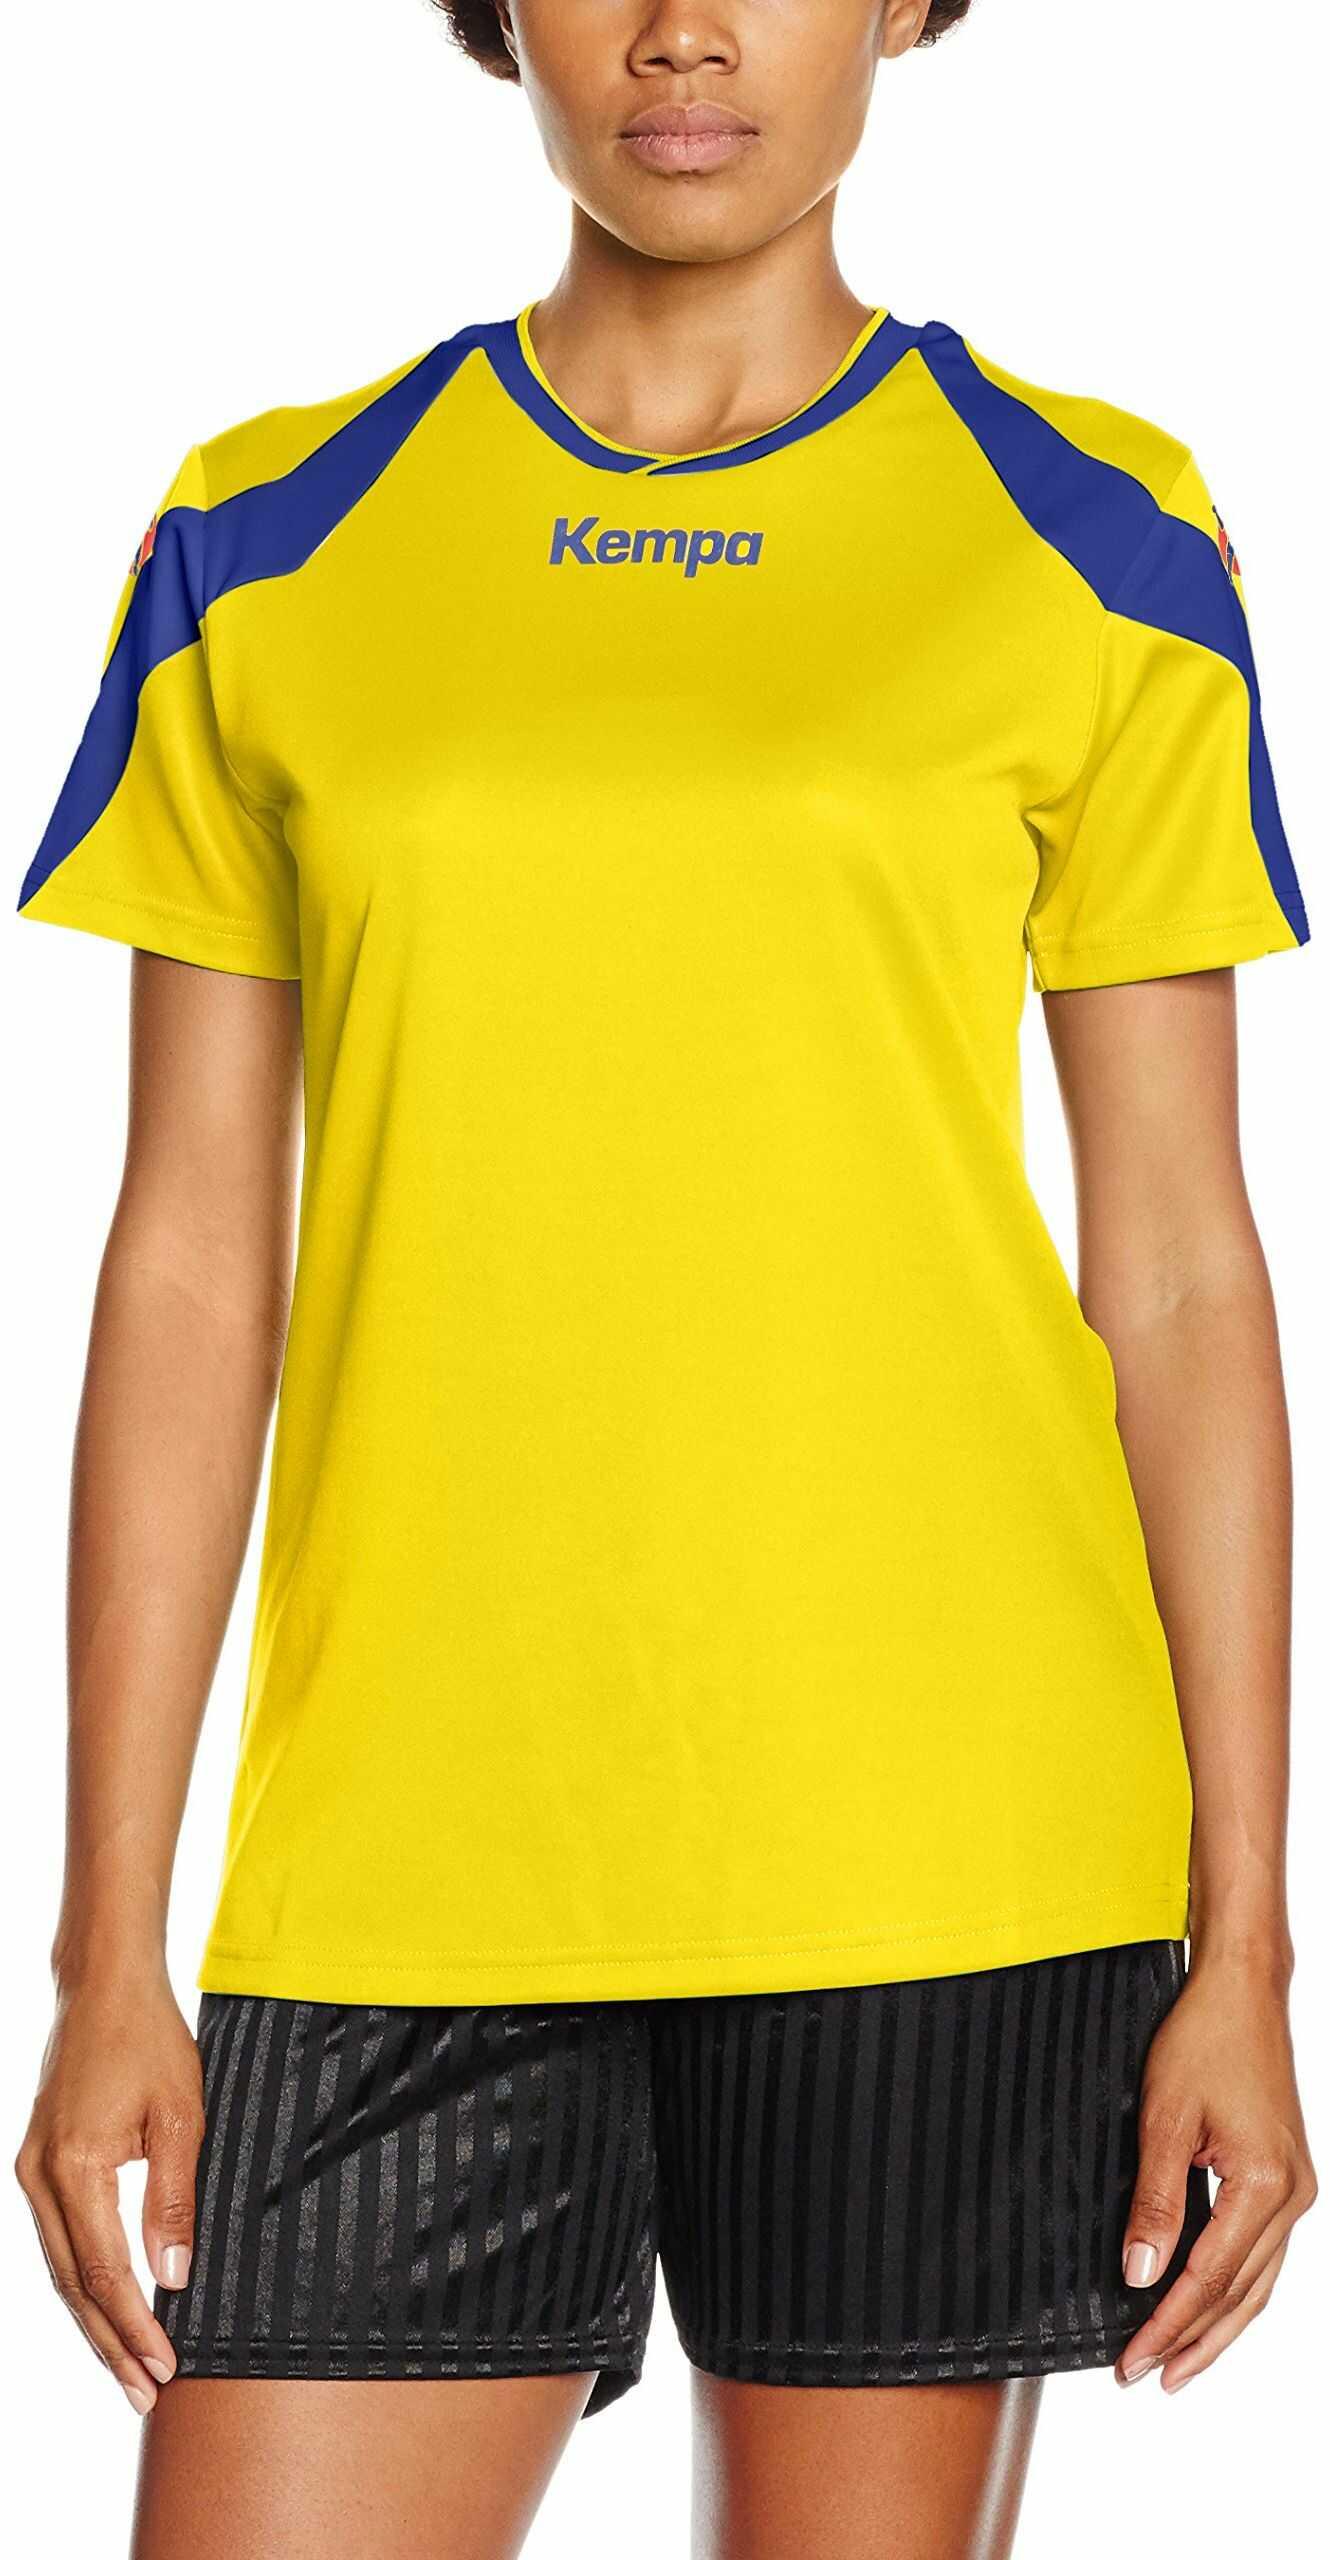 Kempa Damska koszulka Motion, żółta/royal, XL